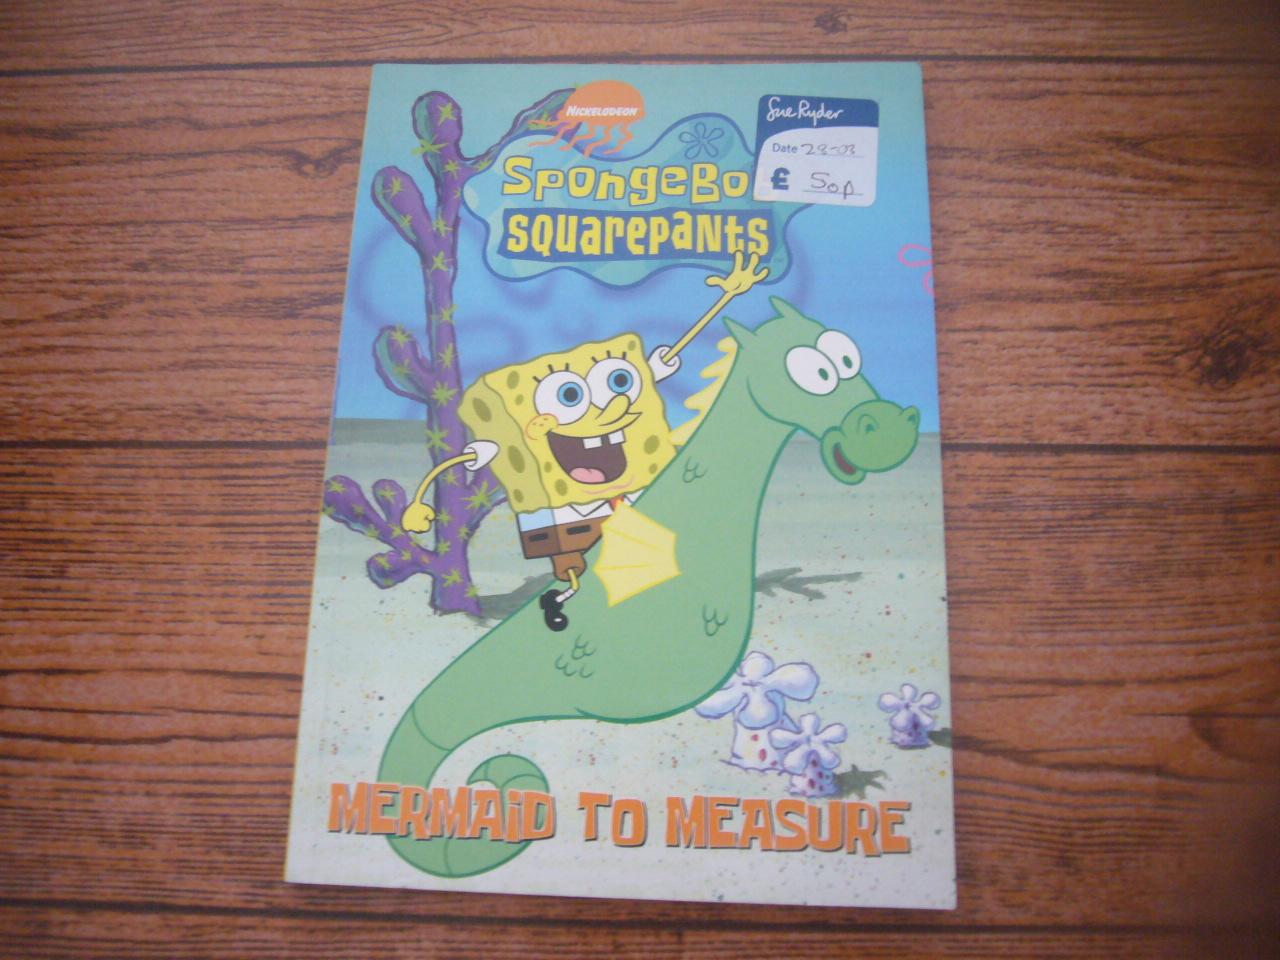 SpongeBobSquarepants: Mermaid to Measure